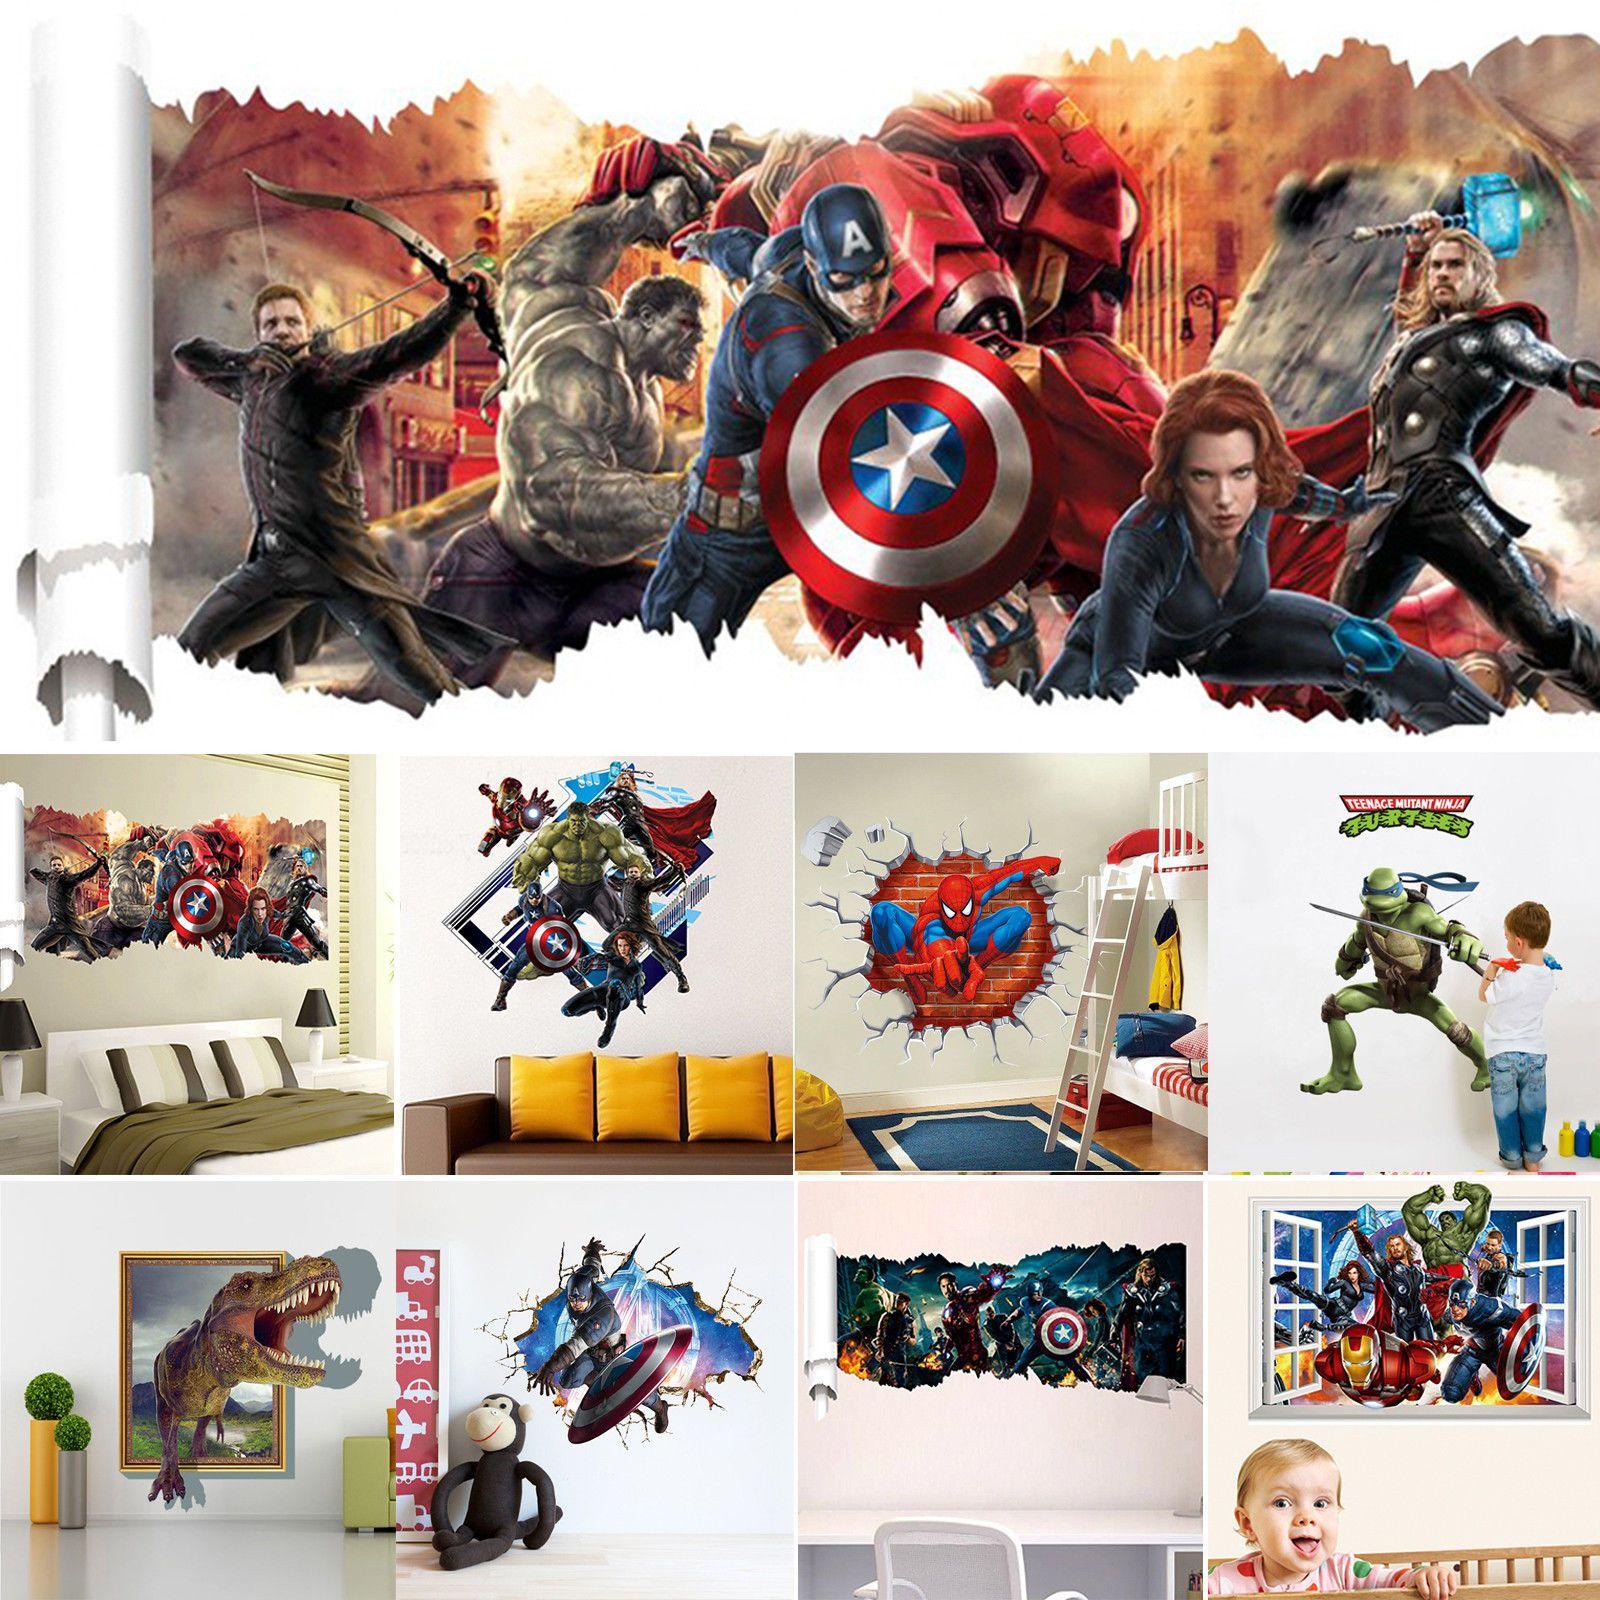 10 Styles 3D Superheroes Avengers Wall Decals Vinyl Sticker Kids Home/Room Decor  sc 1 st  Pinterest & 10 Styles 3D Superheroes Avengers Wall Decals Vinyl Sticker Kids ...